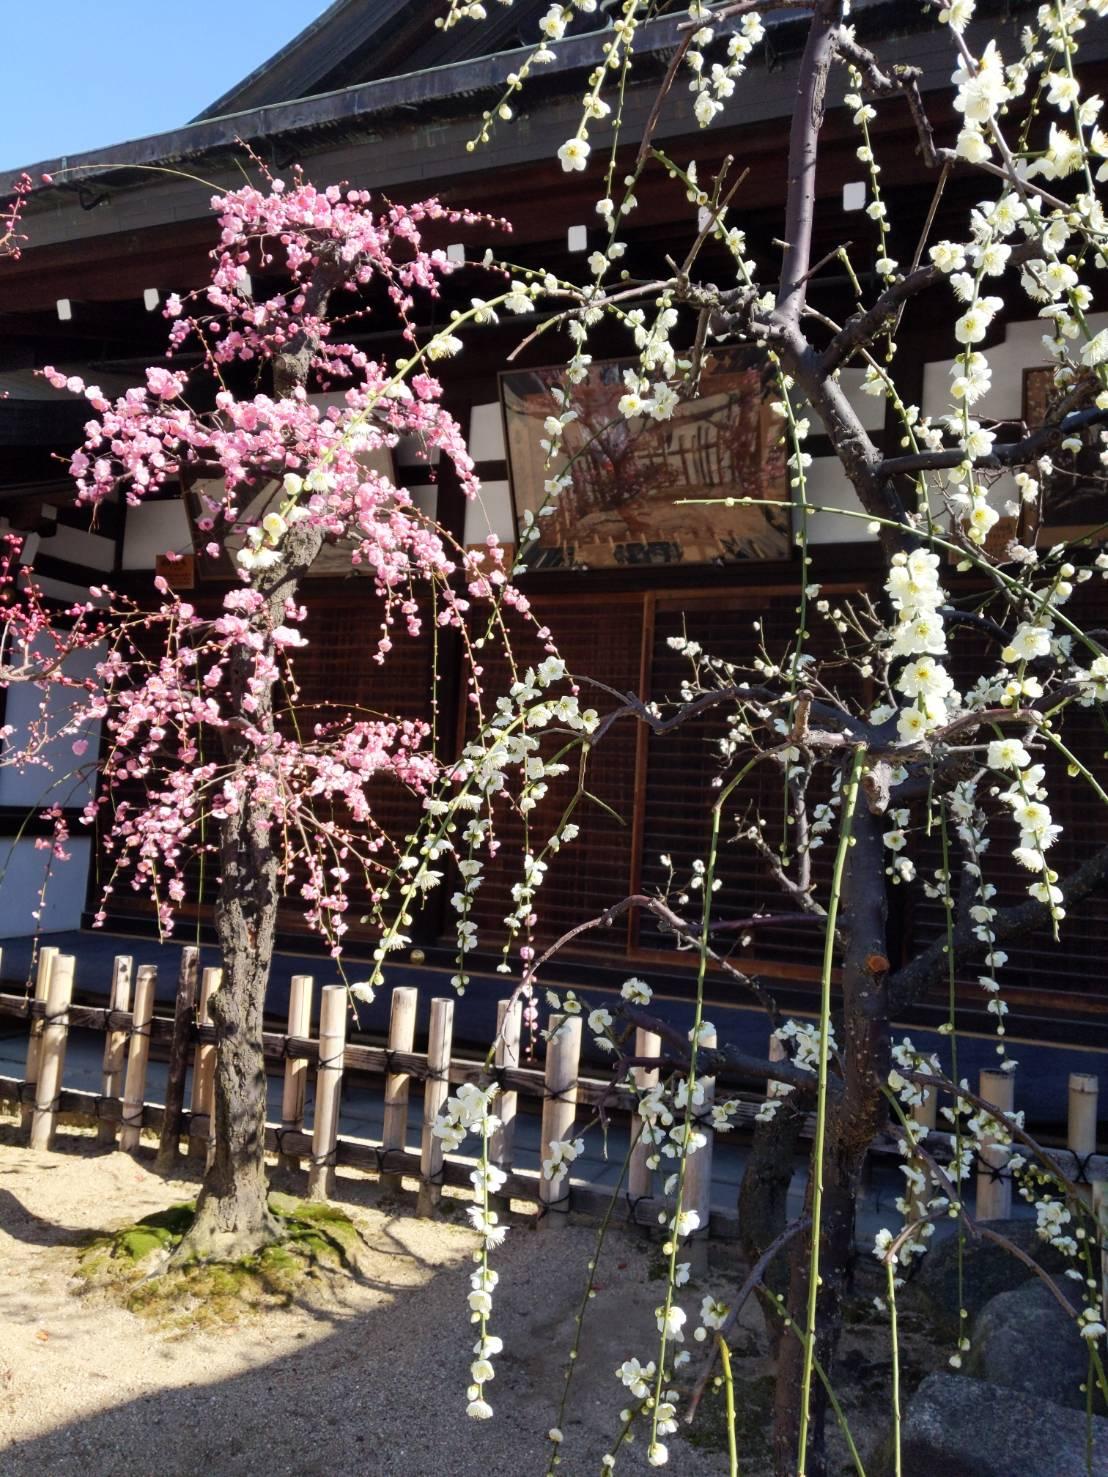 2月 12日 京都 着物レンタル 夢京都高台寺